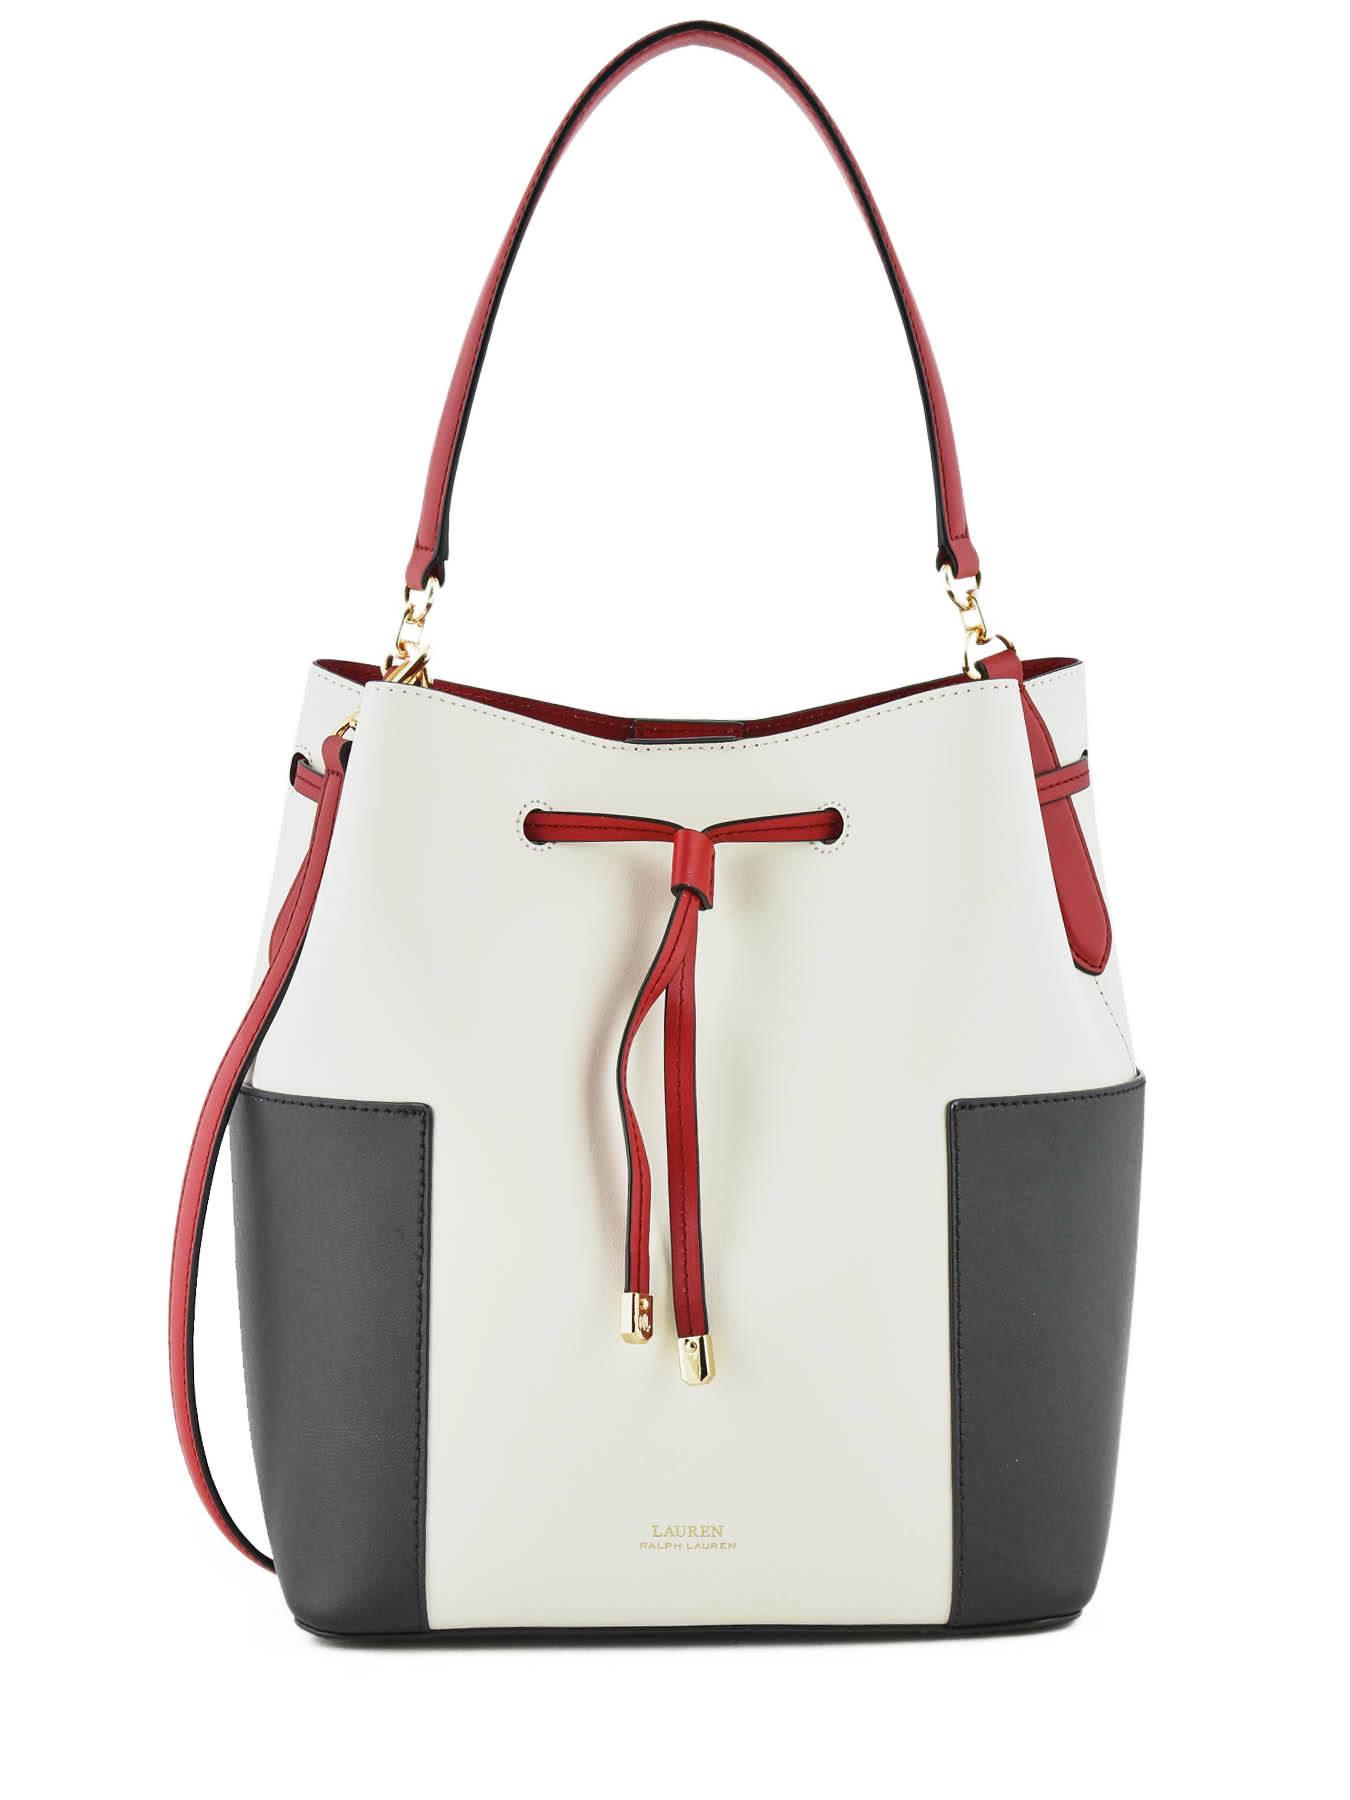 0738aced1b4 ... Debby Color-block Bucket Bag Lauren ralph lauren Black dryden 31738833  ...